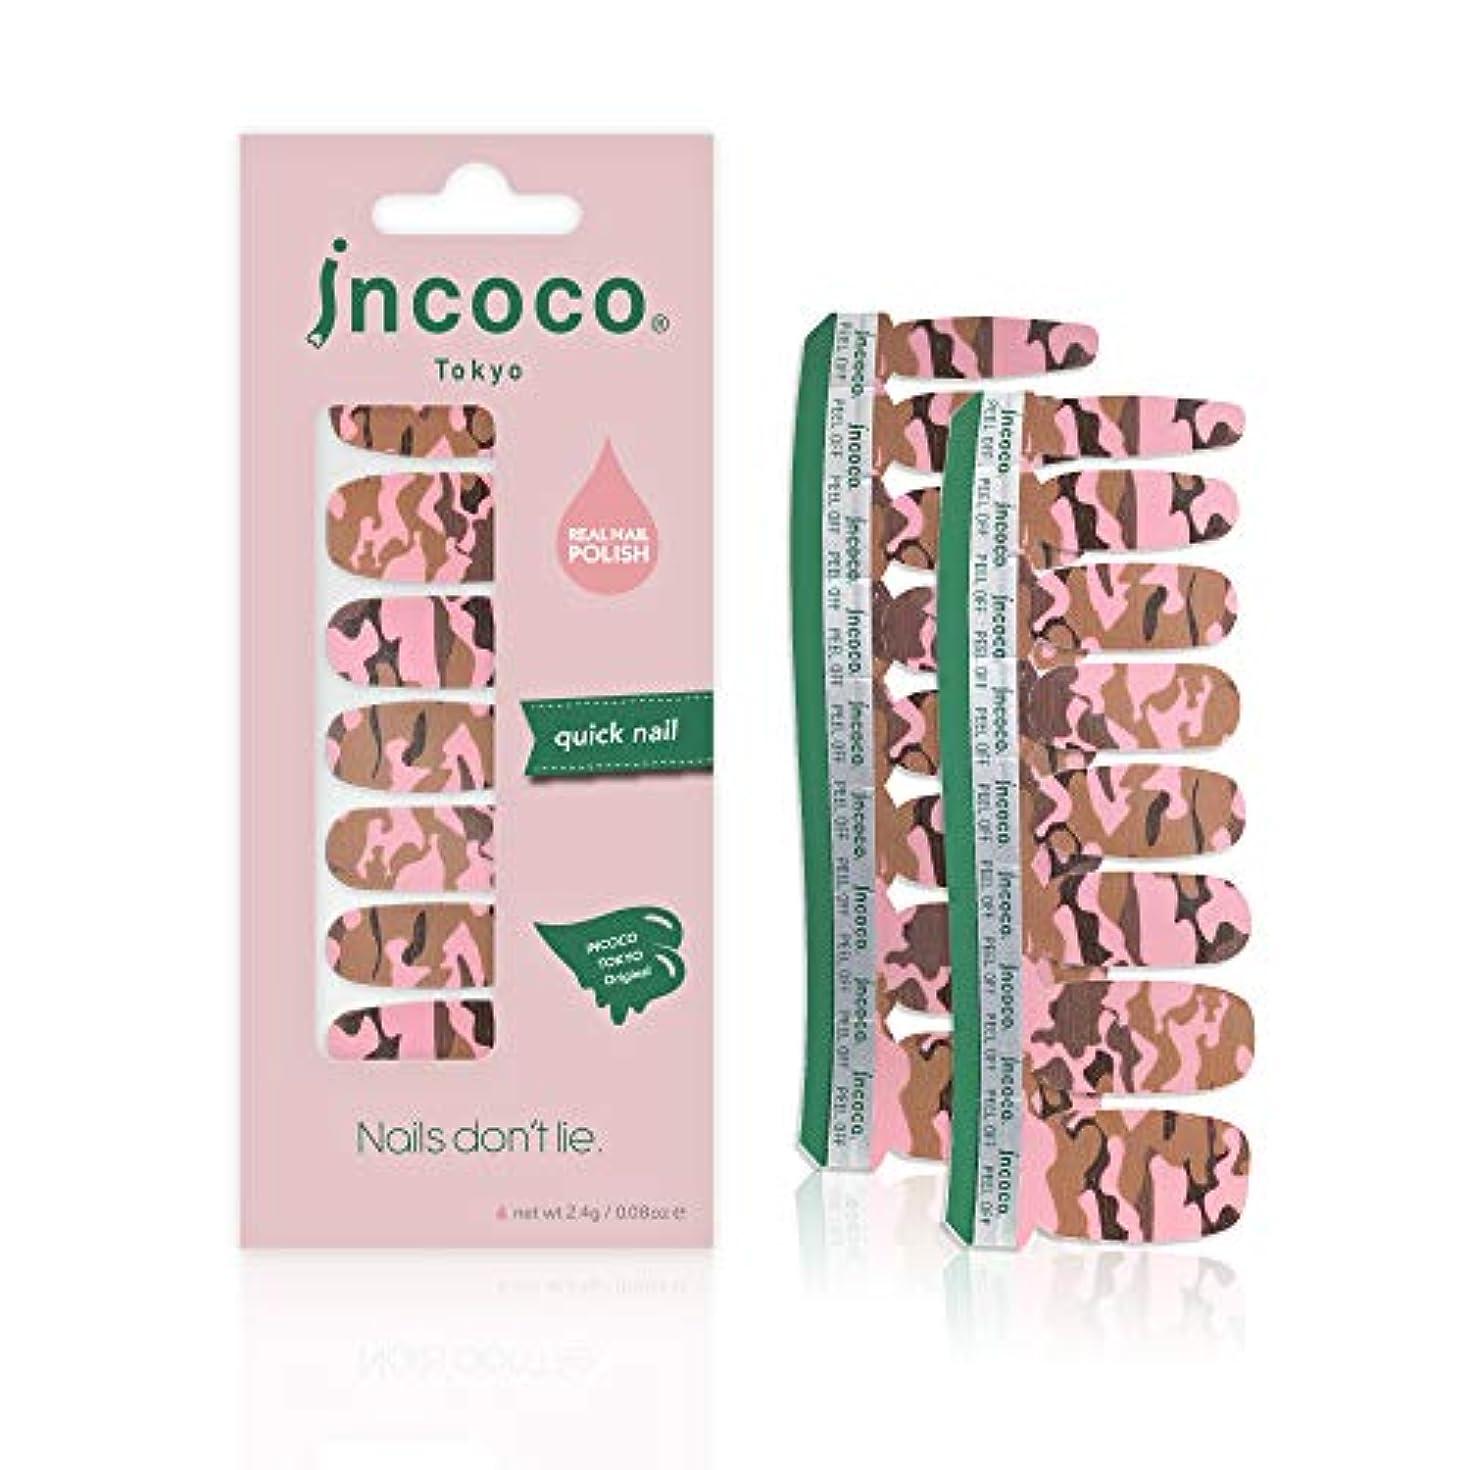 膨張する伴う予報インココ トーキョー 「フェイディ カモ」 (Faded Camo)